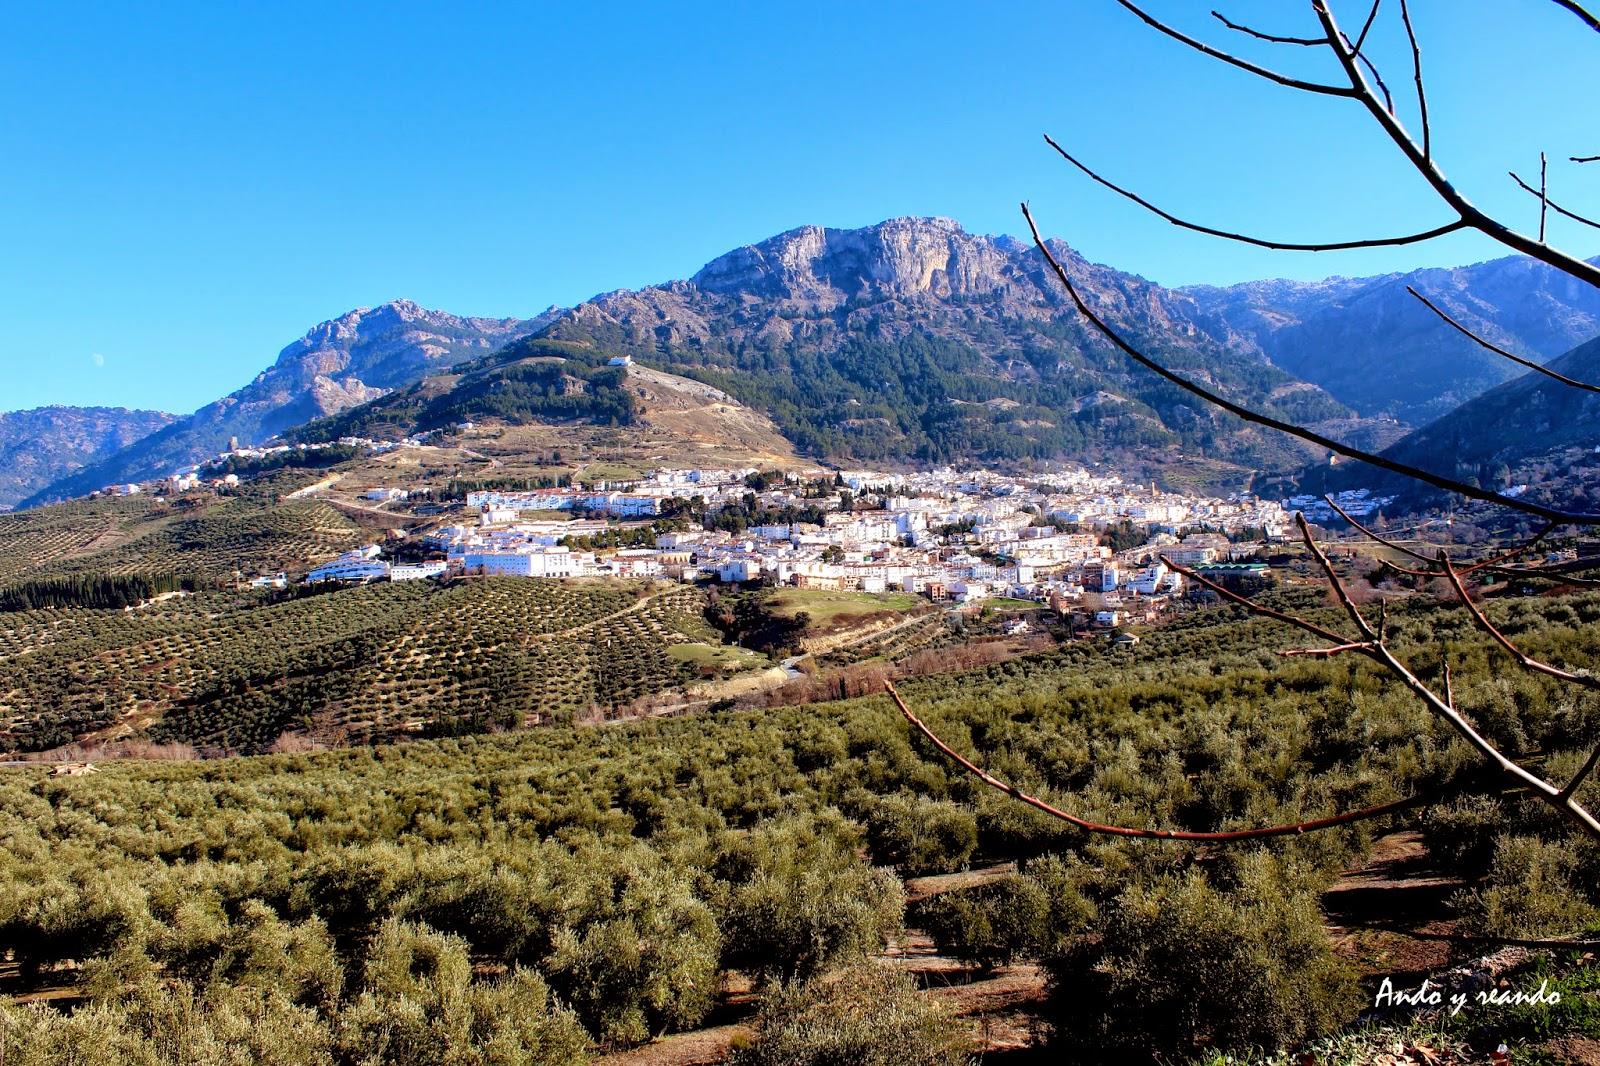 Mares de olivos en Cazorla